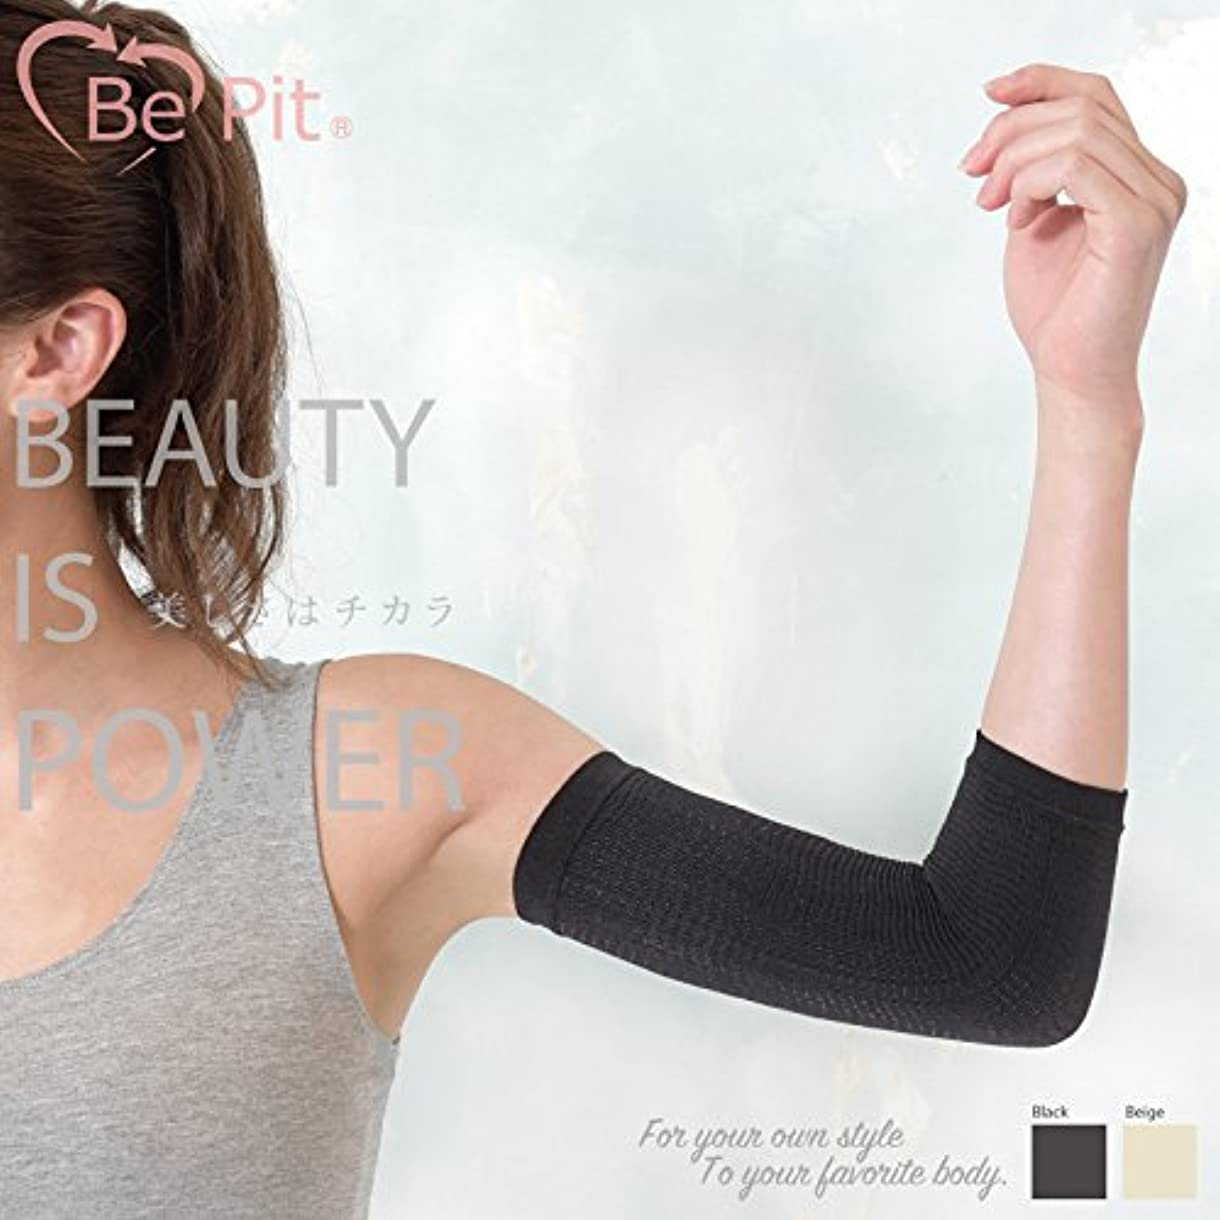 暗くする合法エッセイ美ピット(Bepit) 二の腕マッサージフィットスパッツ Bepit016 (ブラック)